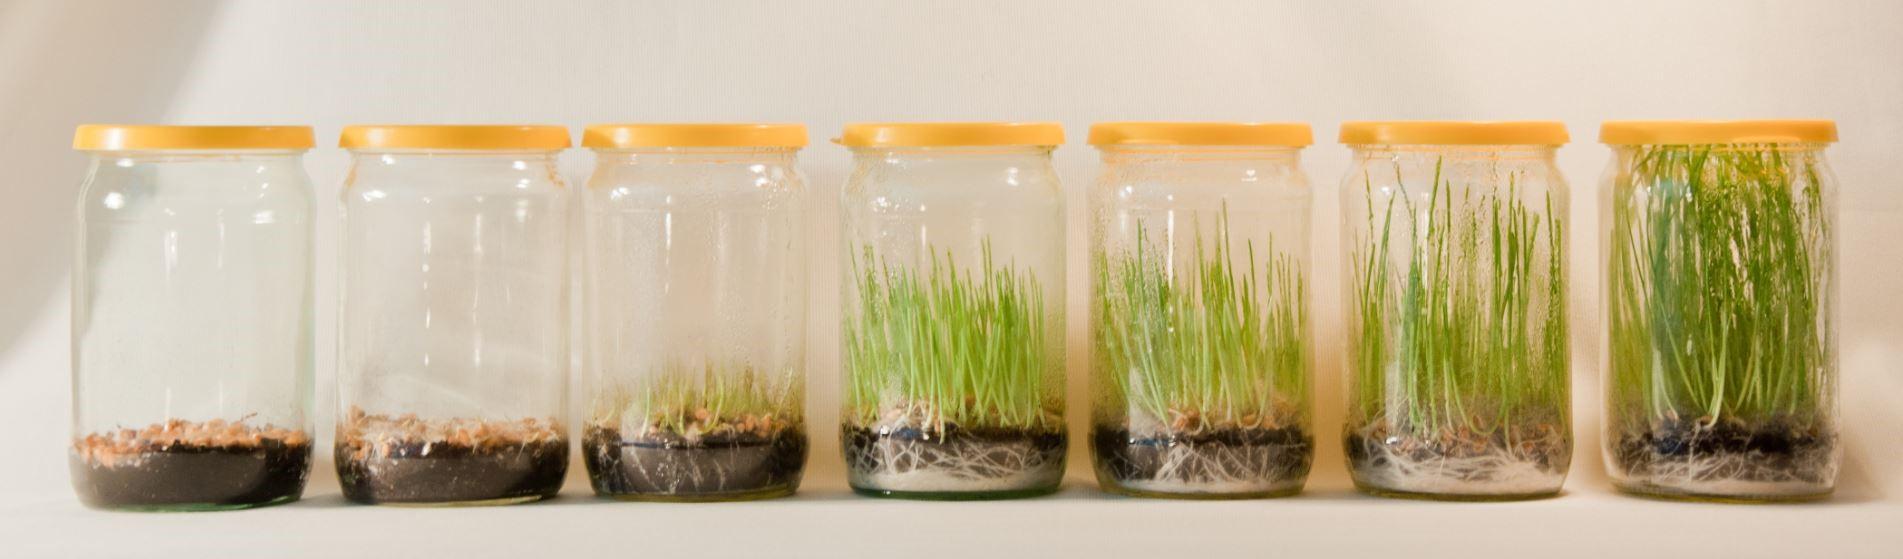 Как в домашних условиях посадить пшеницу в 655